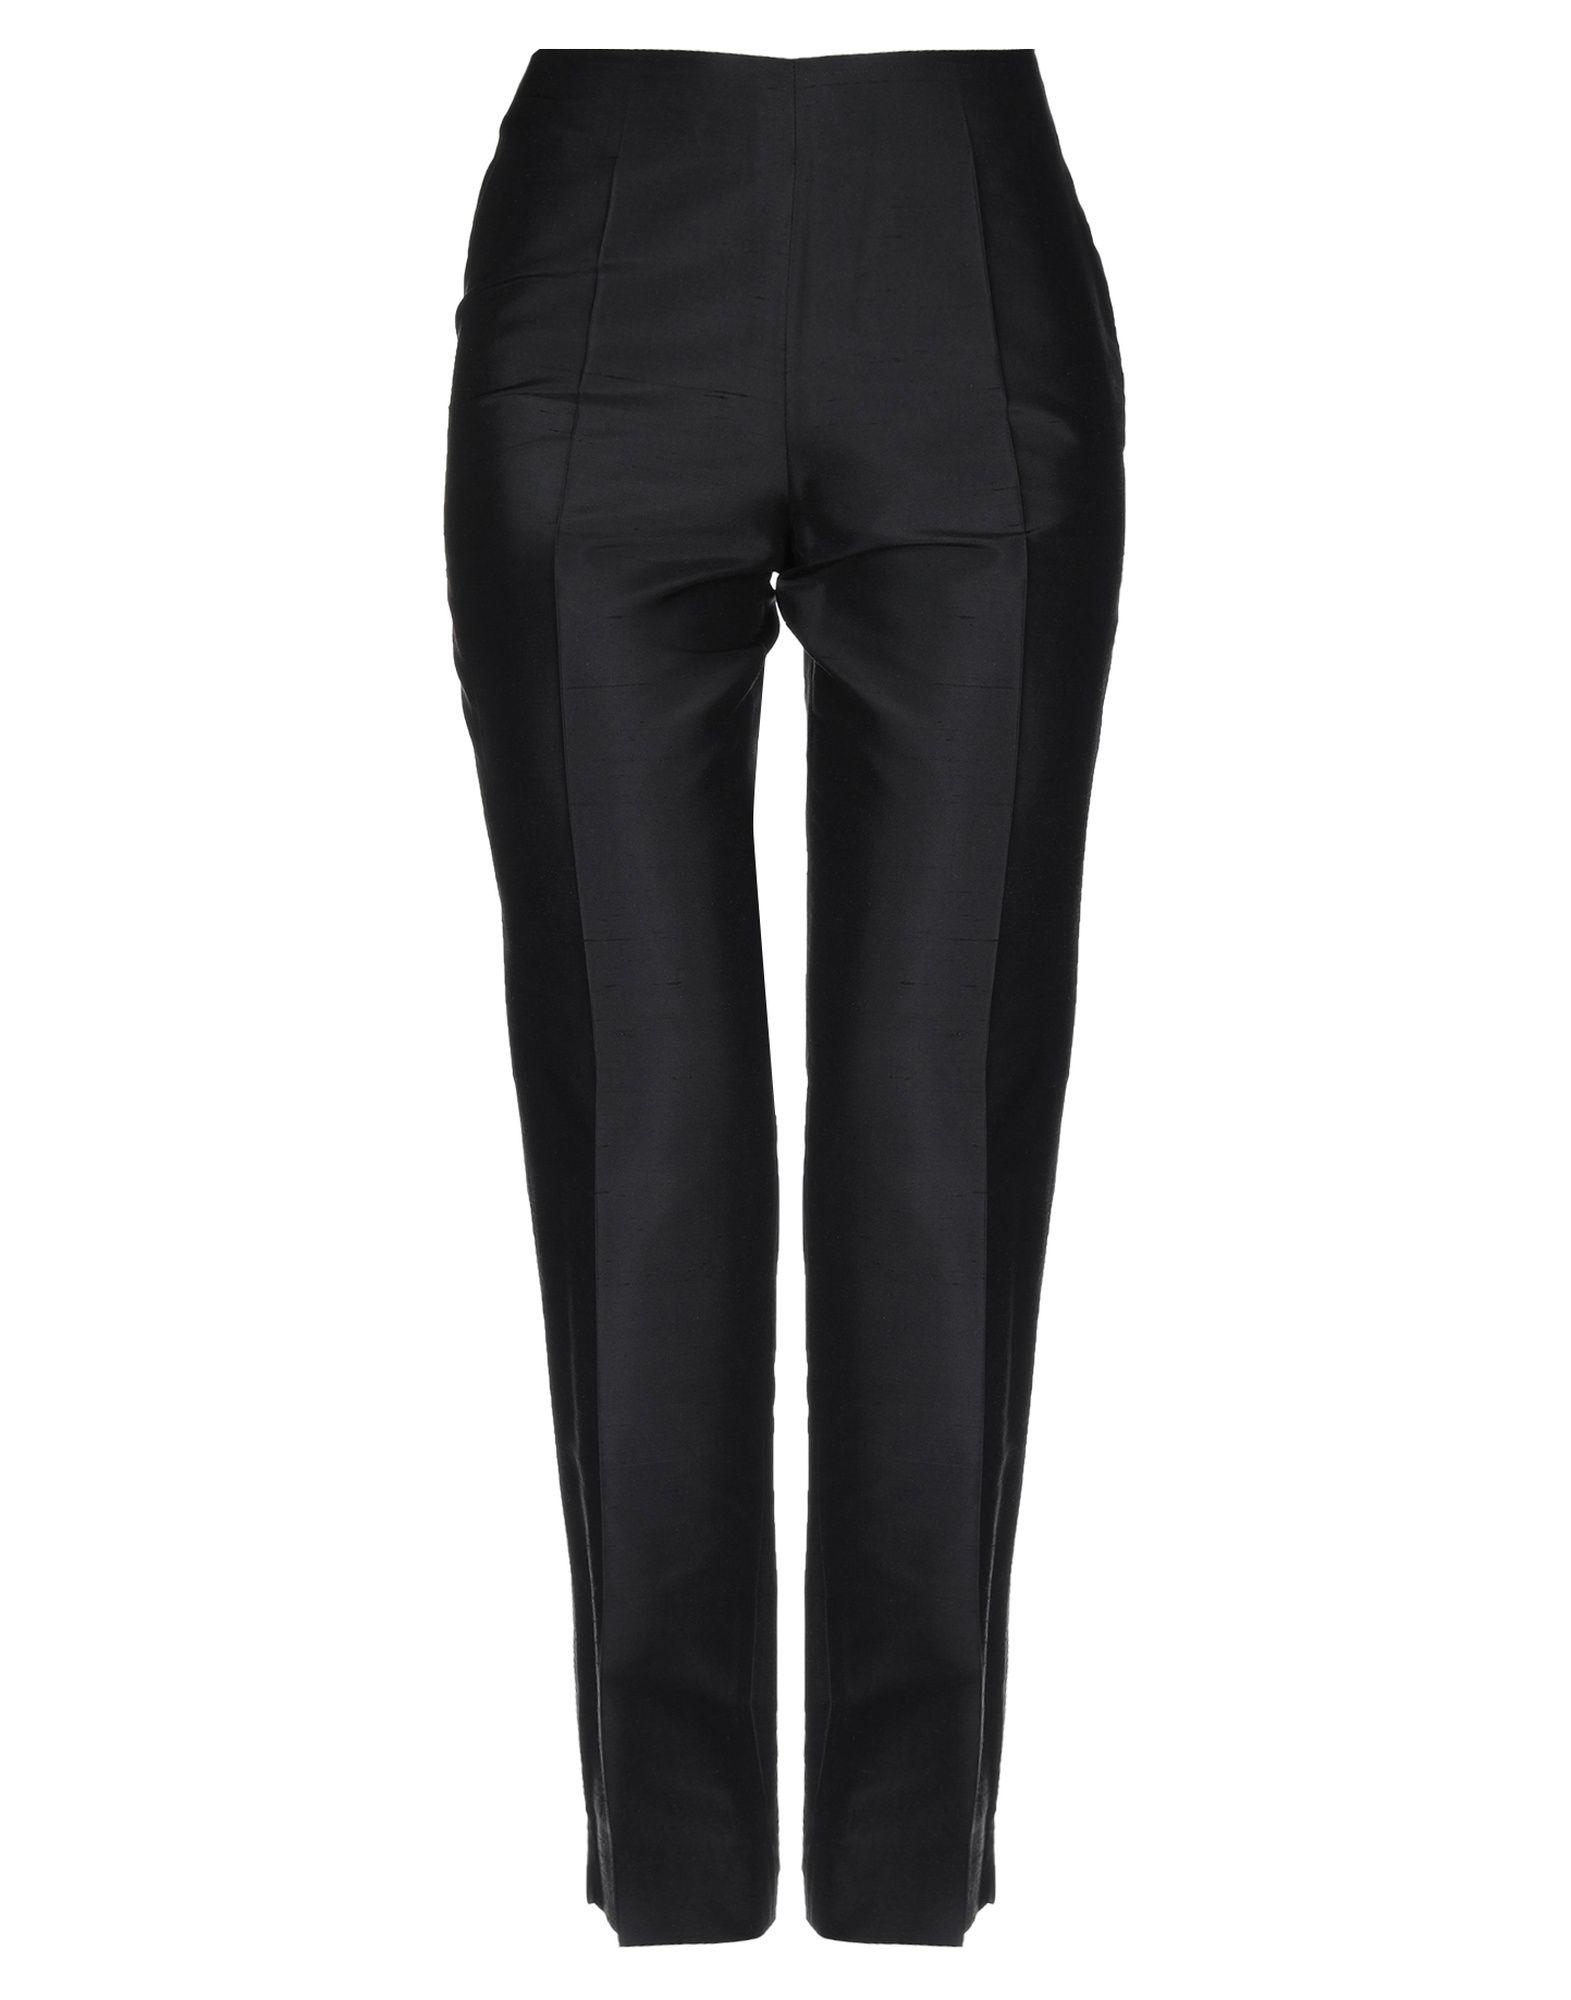 《期間限定セール中》CLIPS MORE レディース パンツ ブラック 40 シルク 100%